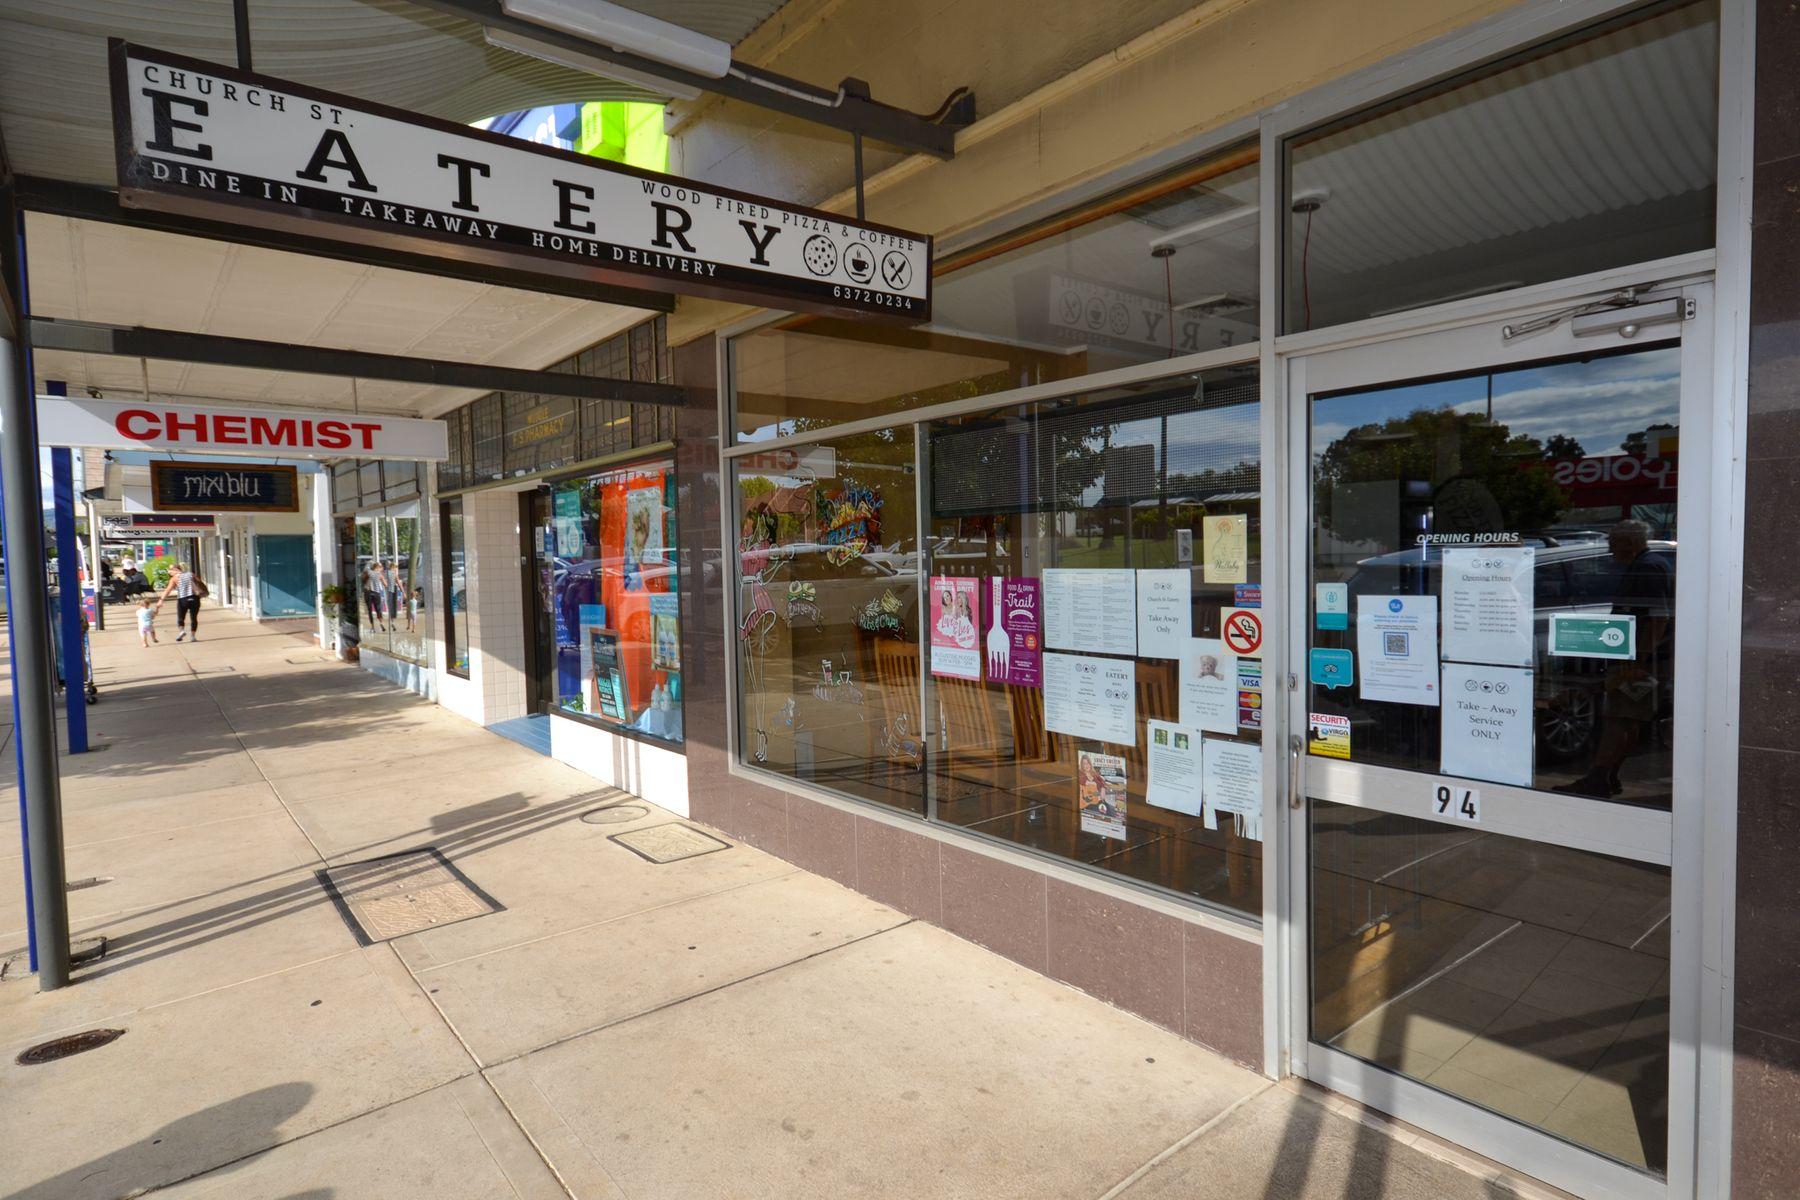 Church St Eatery, 94 Church Street, Mudgee, NSW 2850